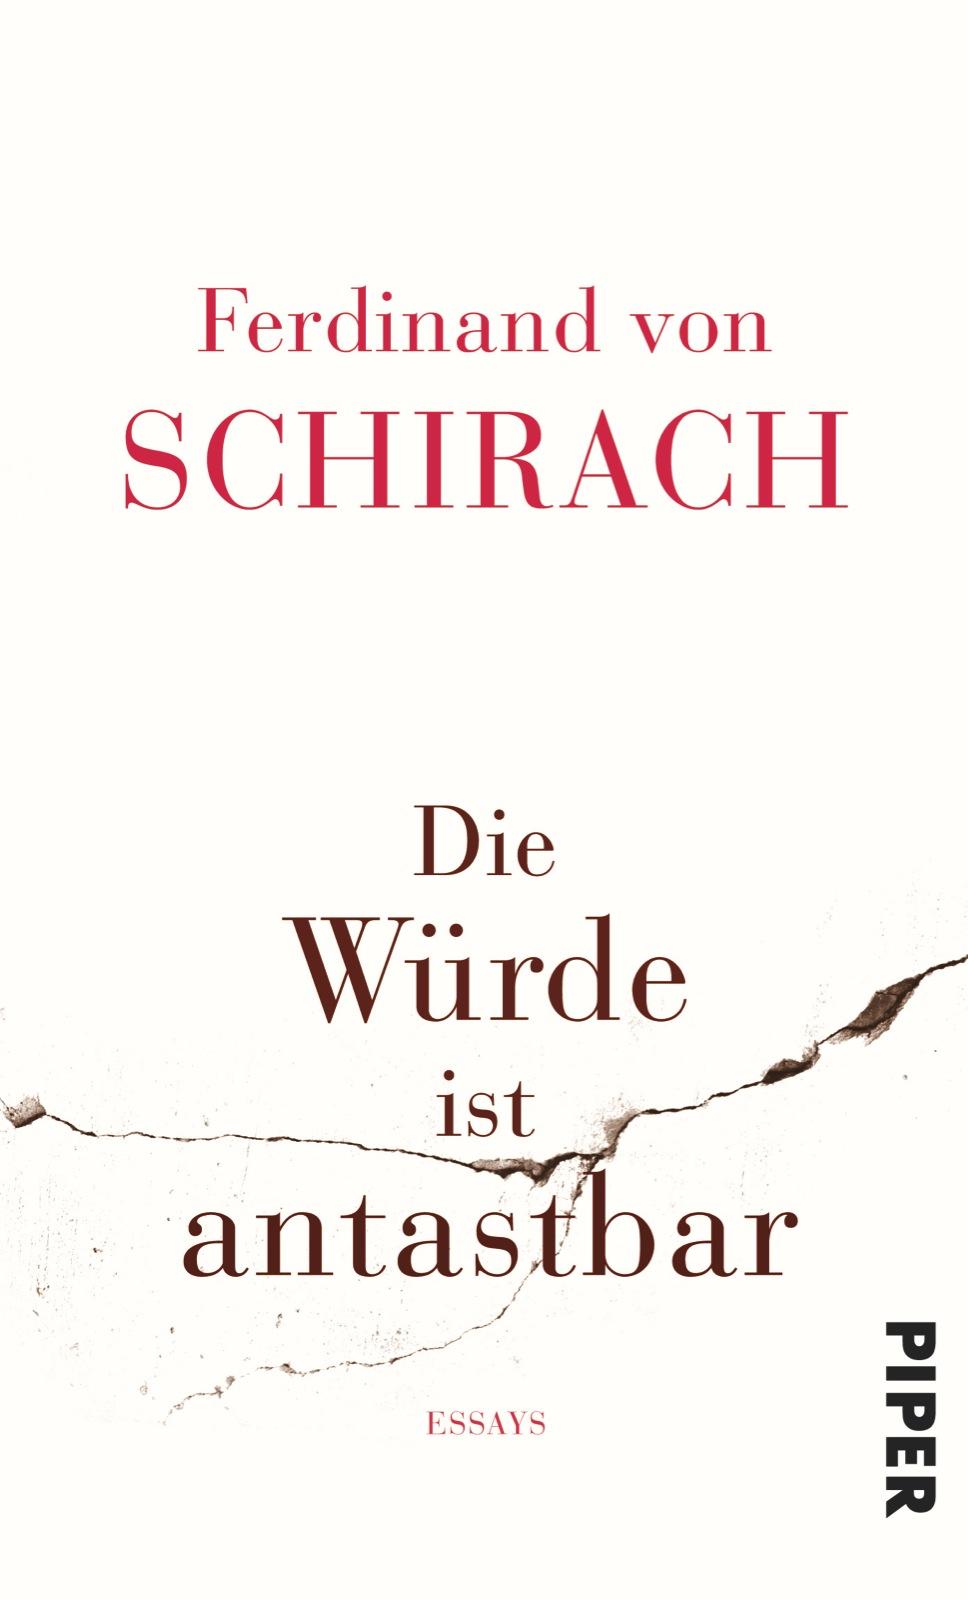 Die Würde ist antastbar - Ferdinand von Schirach